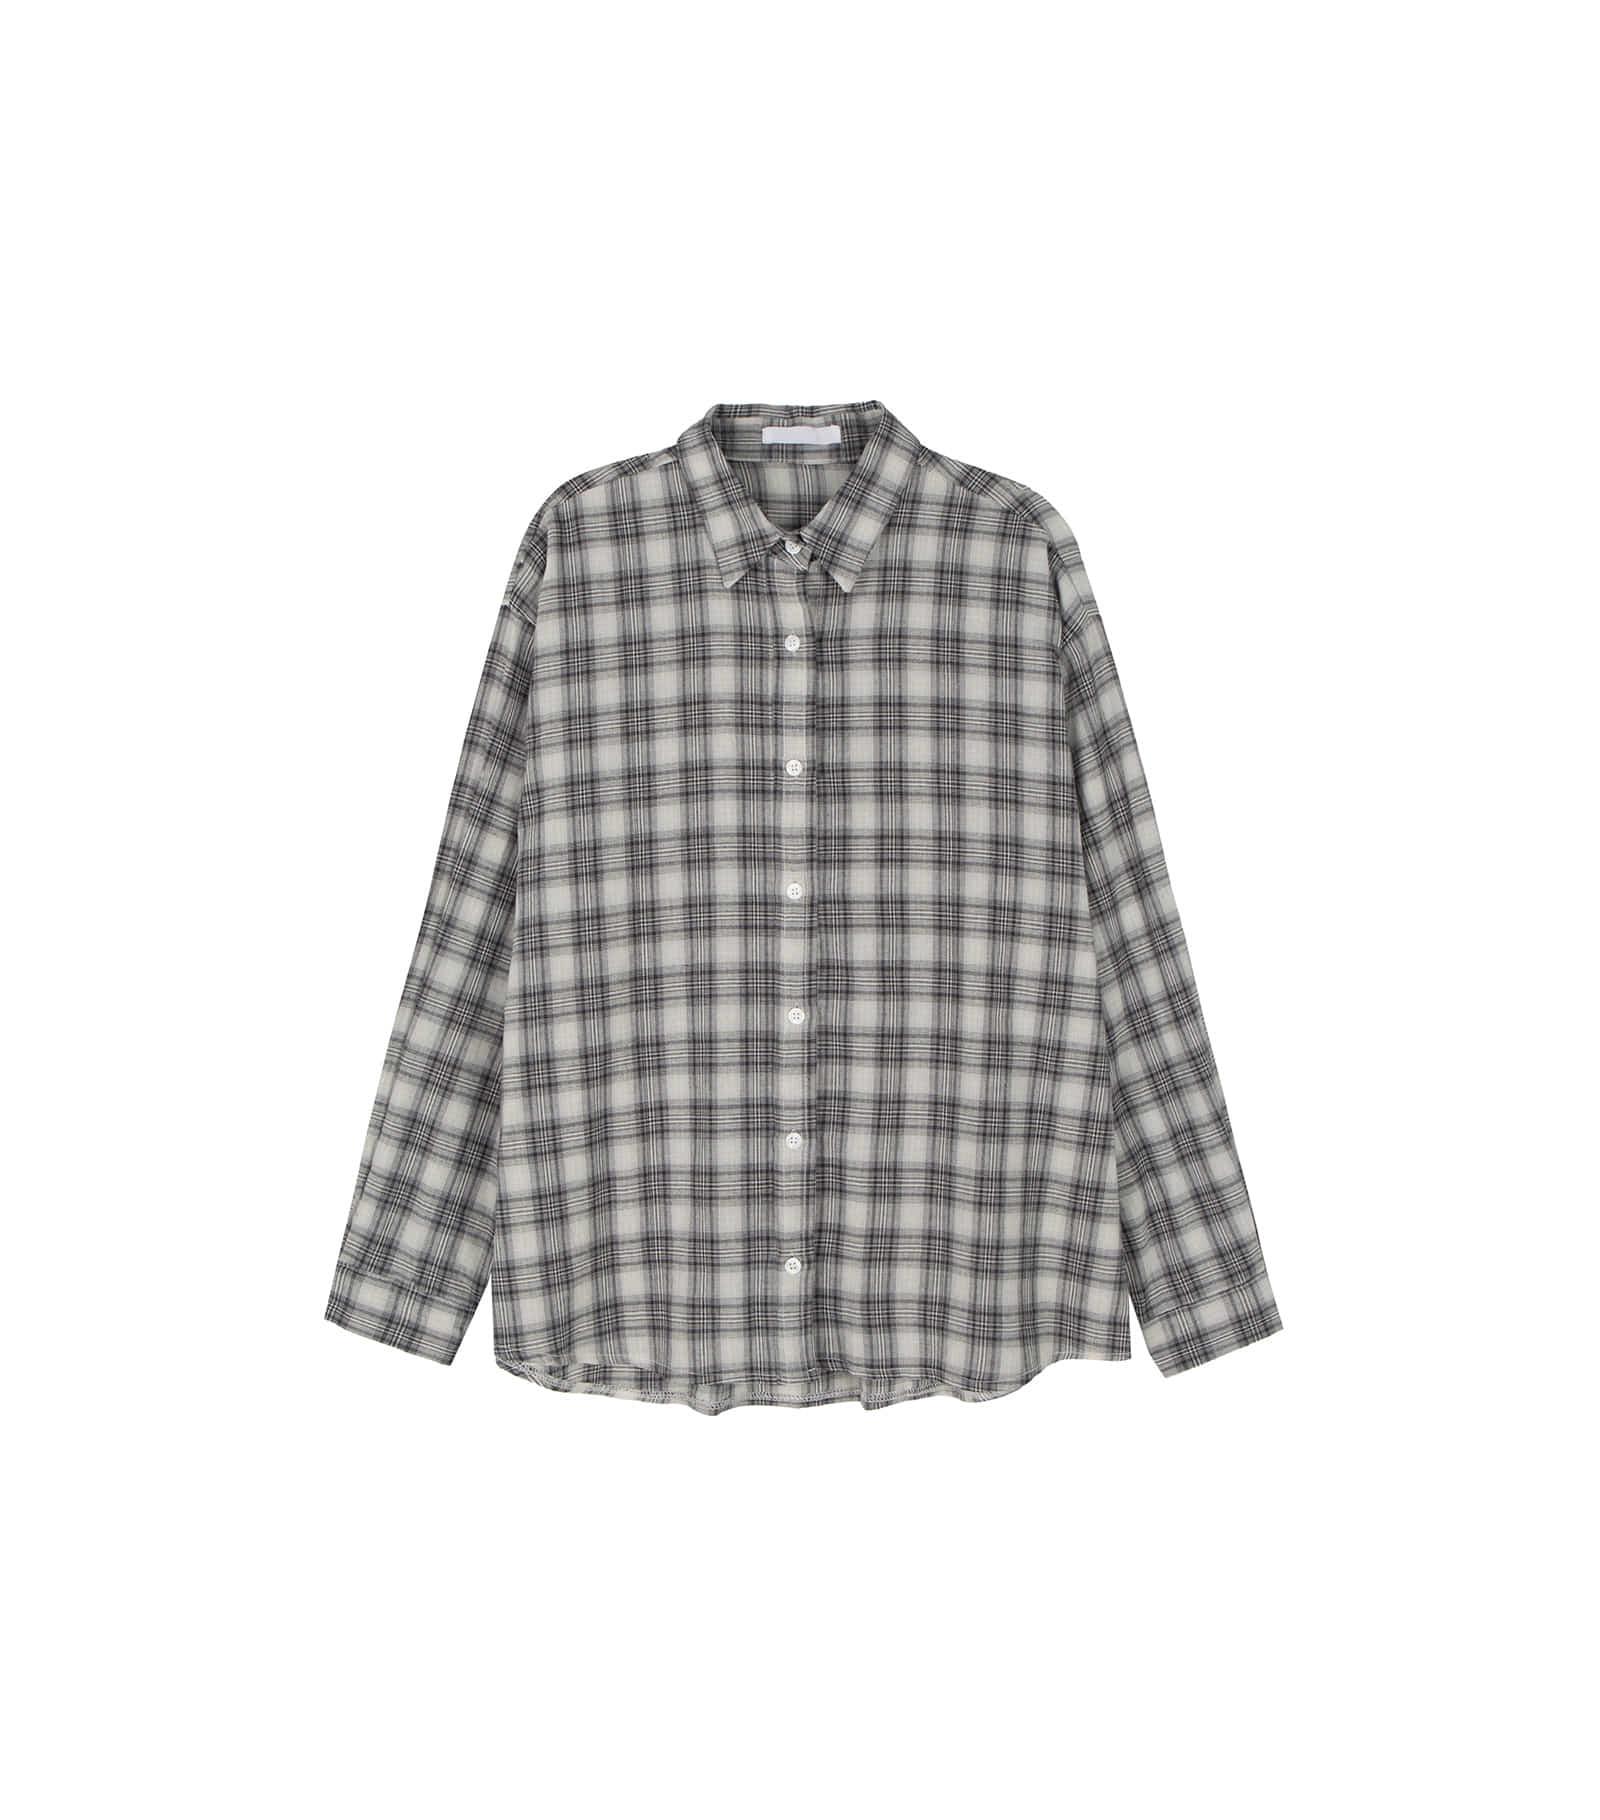 Eddie overfit check shirt